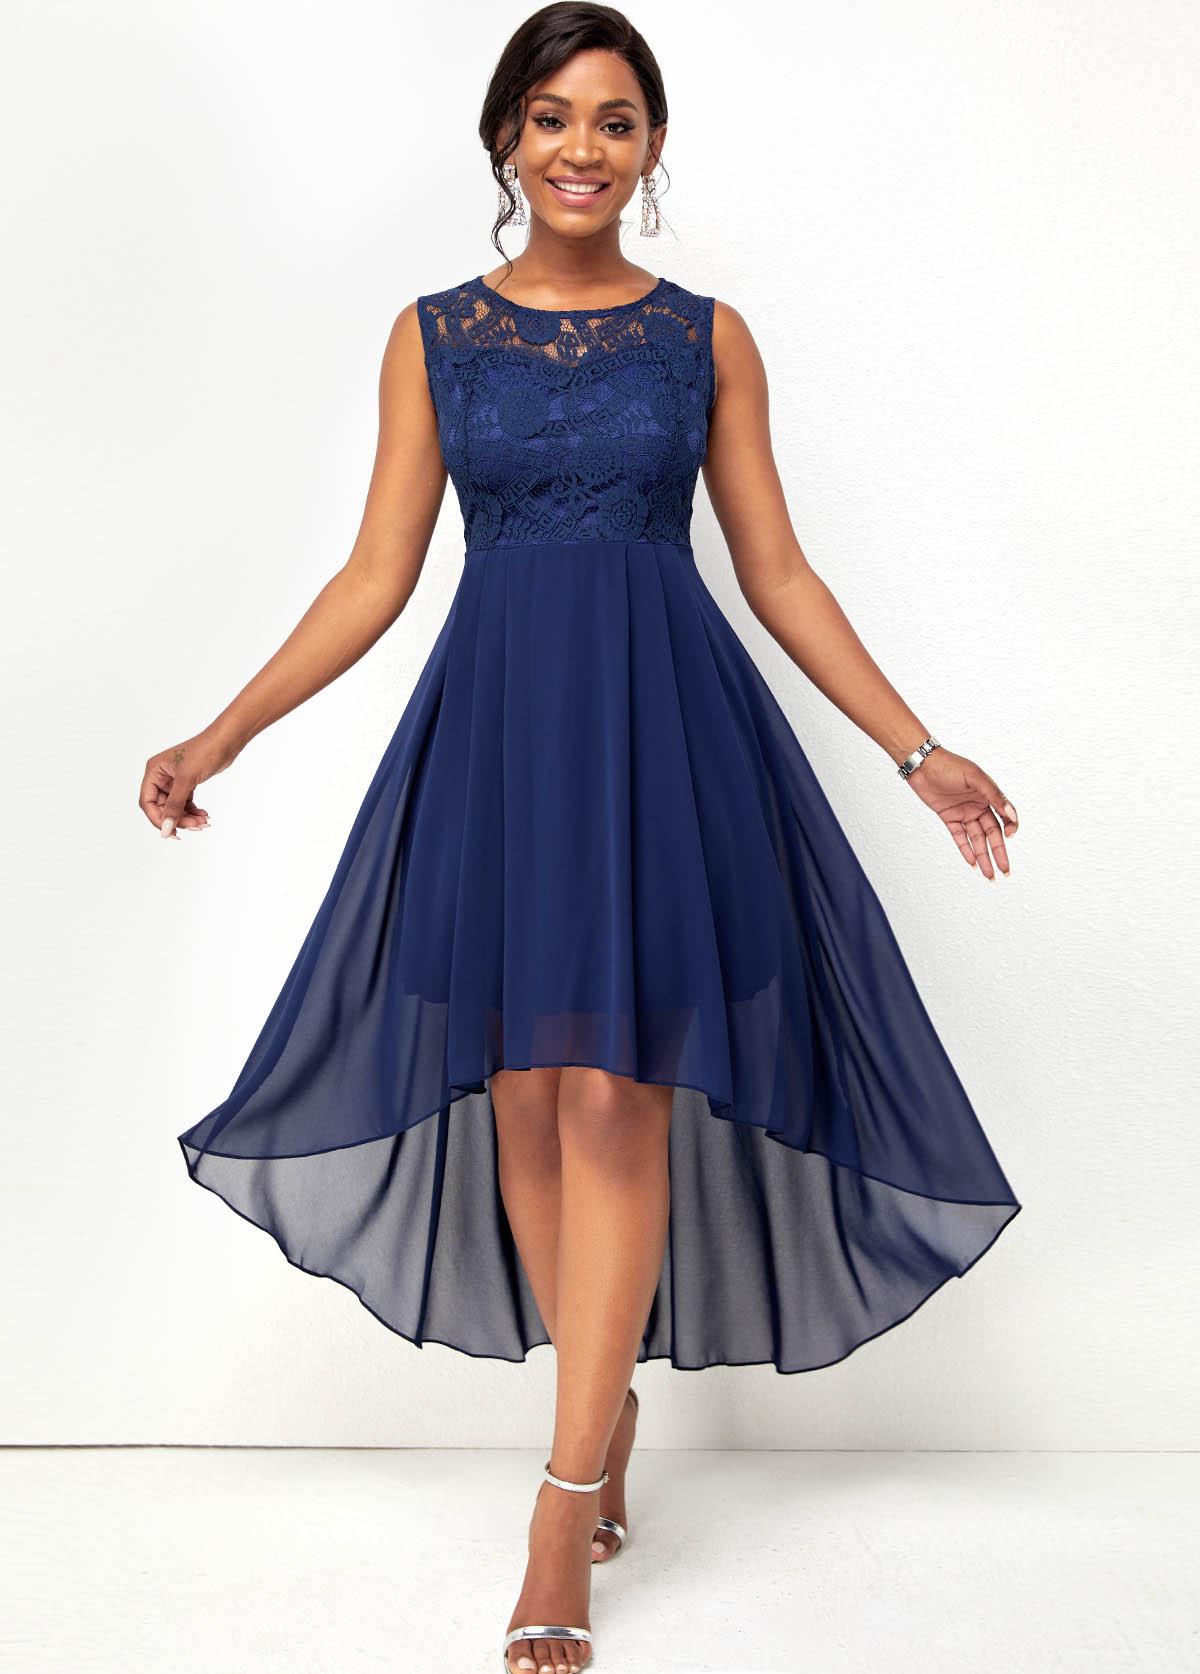 Sleeveless Lace Stitching Chiffon High Low Dress